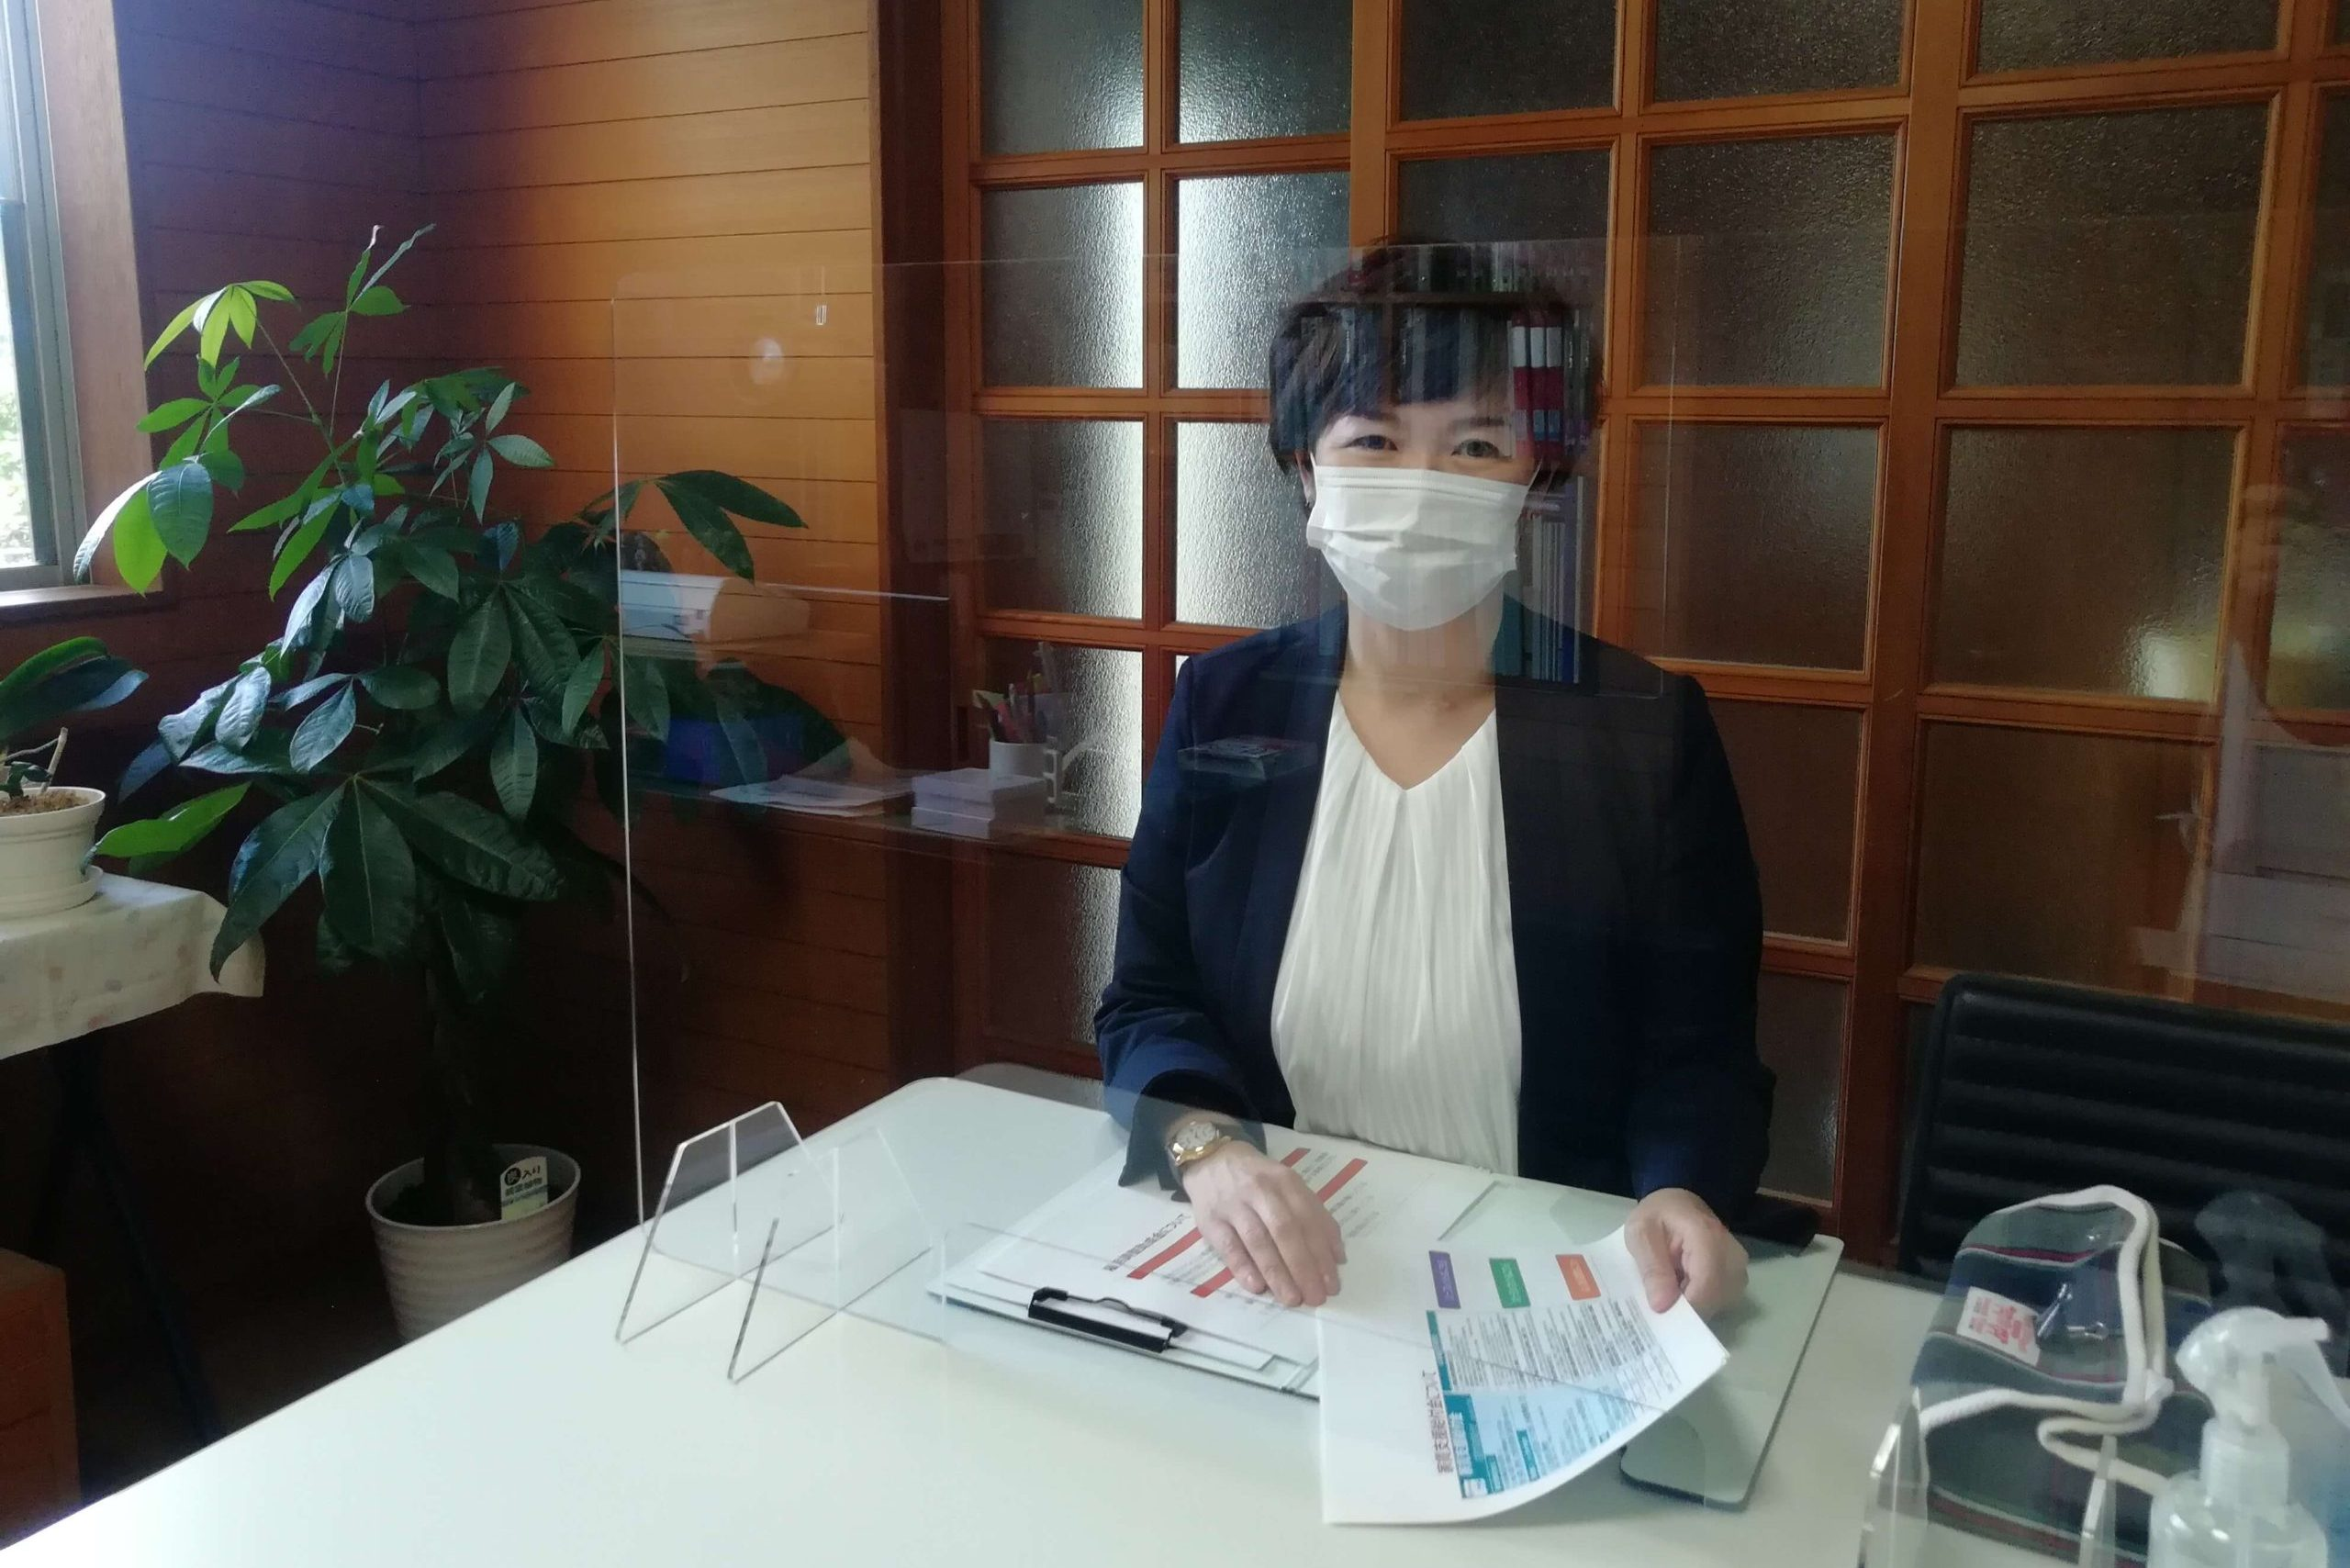 新型コロナウイルスへの感染防止対策について